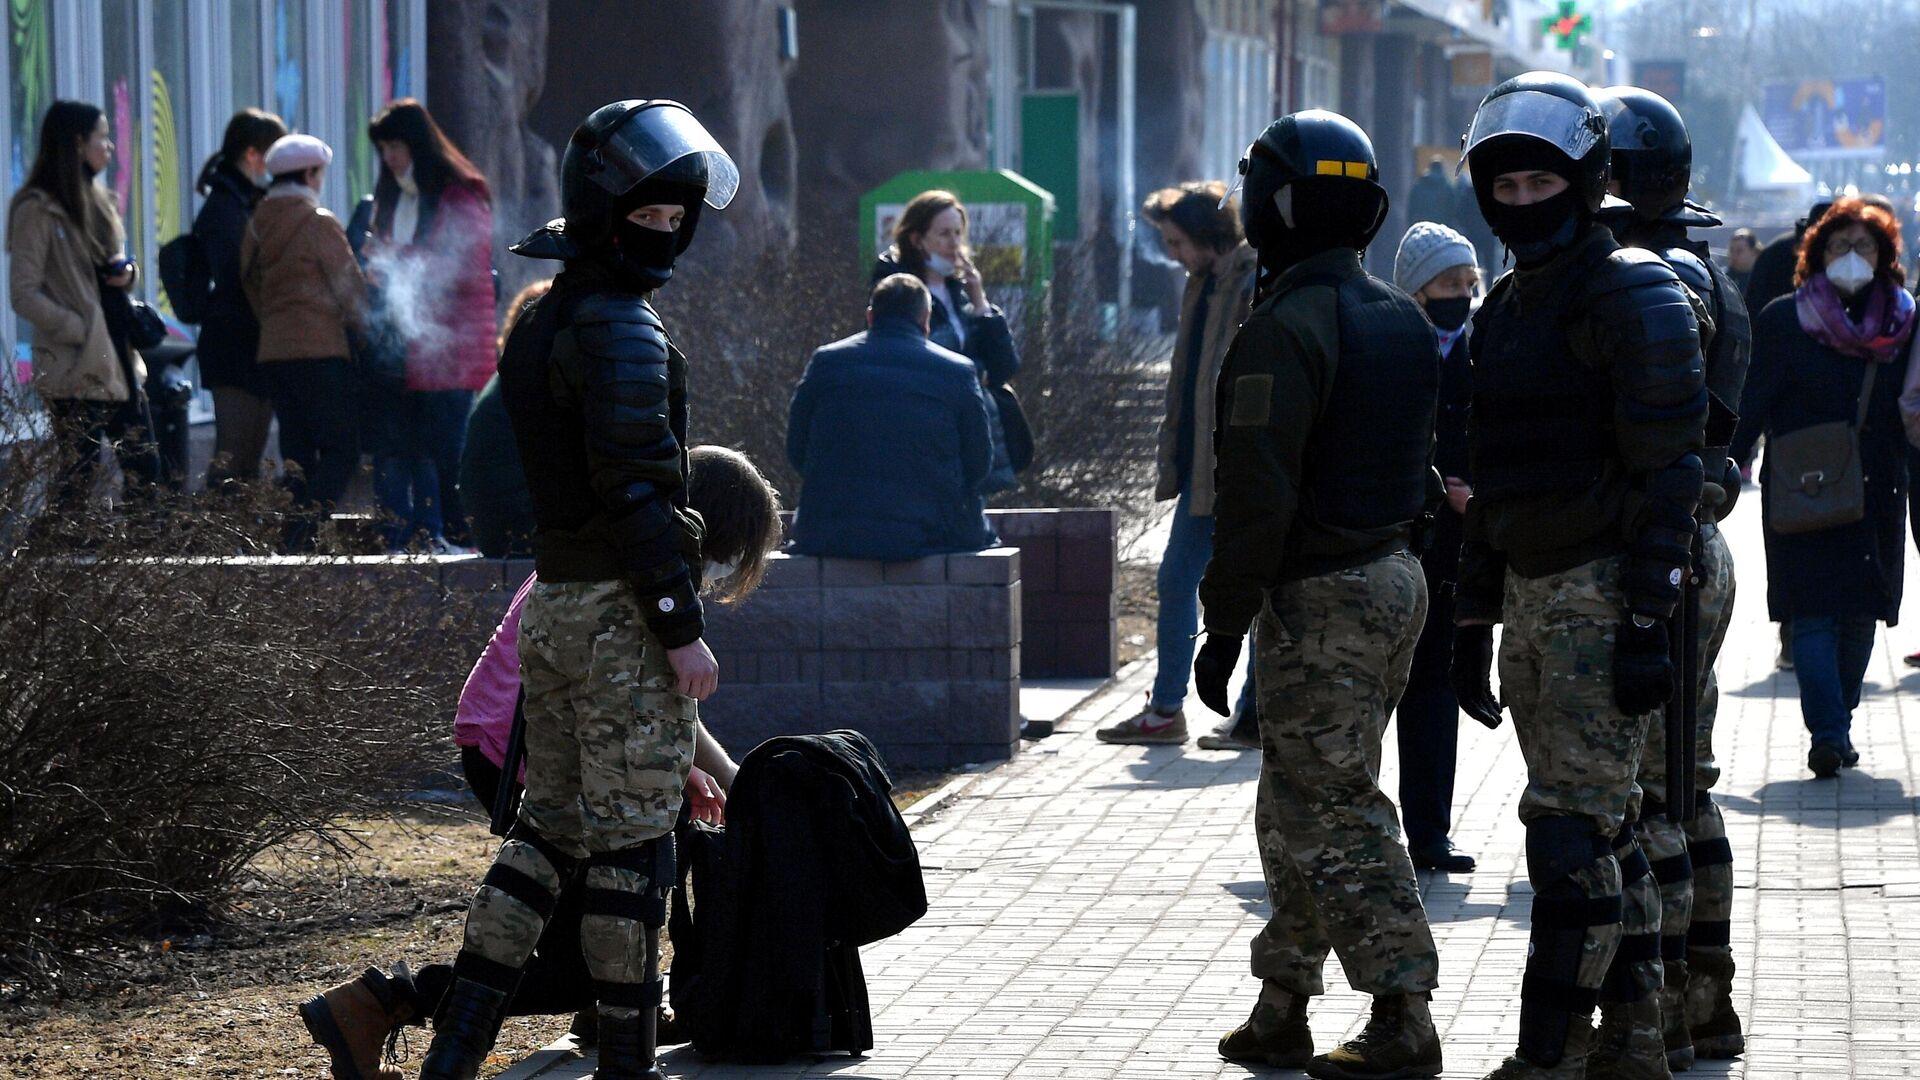 Сотрудники правоохранительных органов во время несанкционированной акции протеста в Минске - РИА Новости, 1920, 08.06.2021